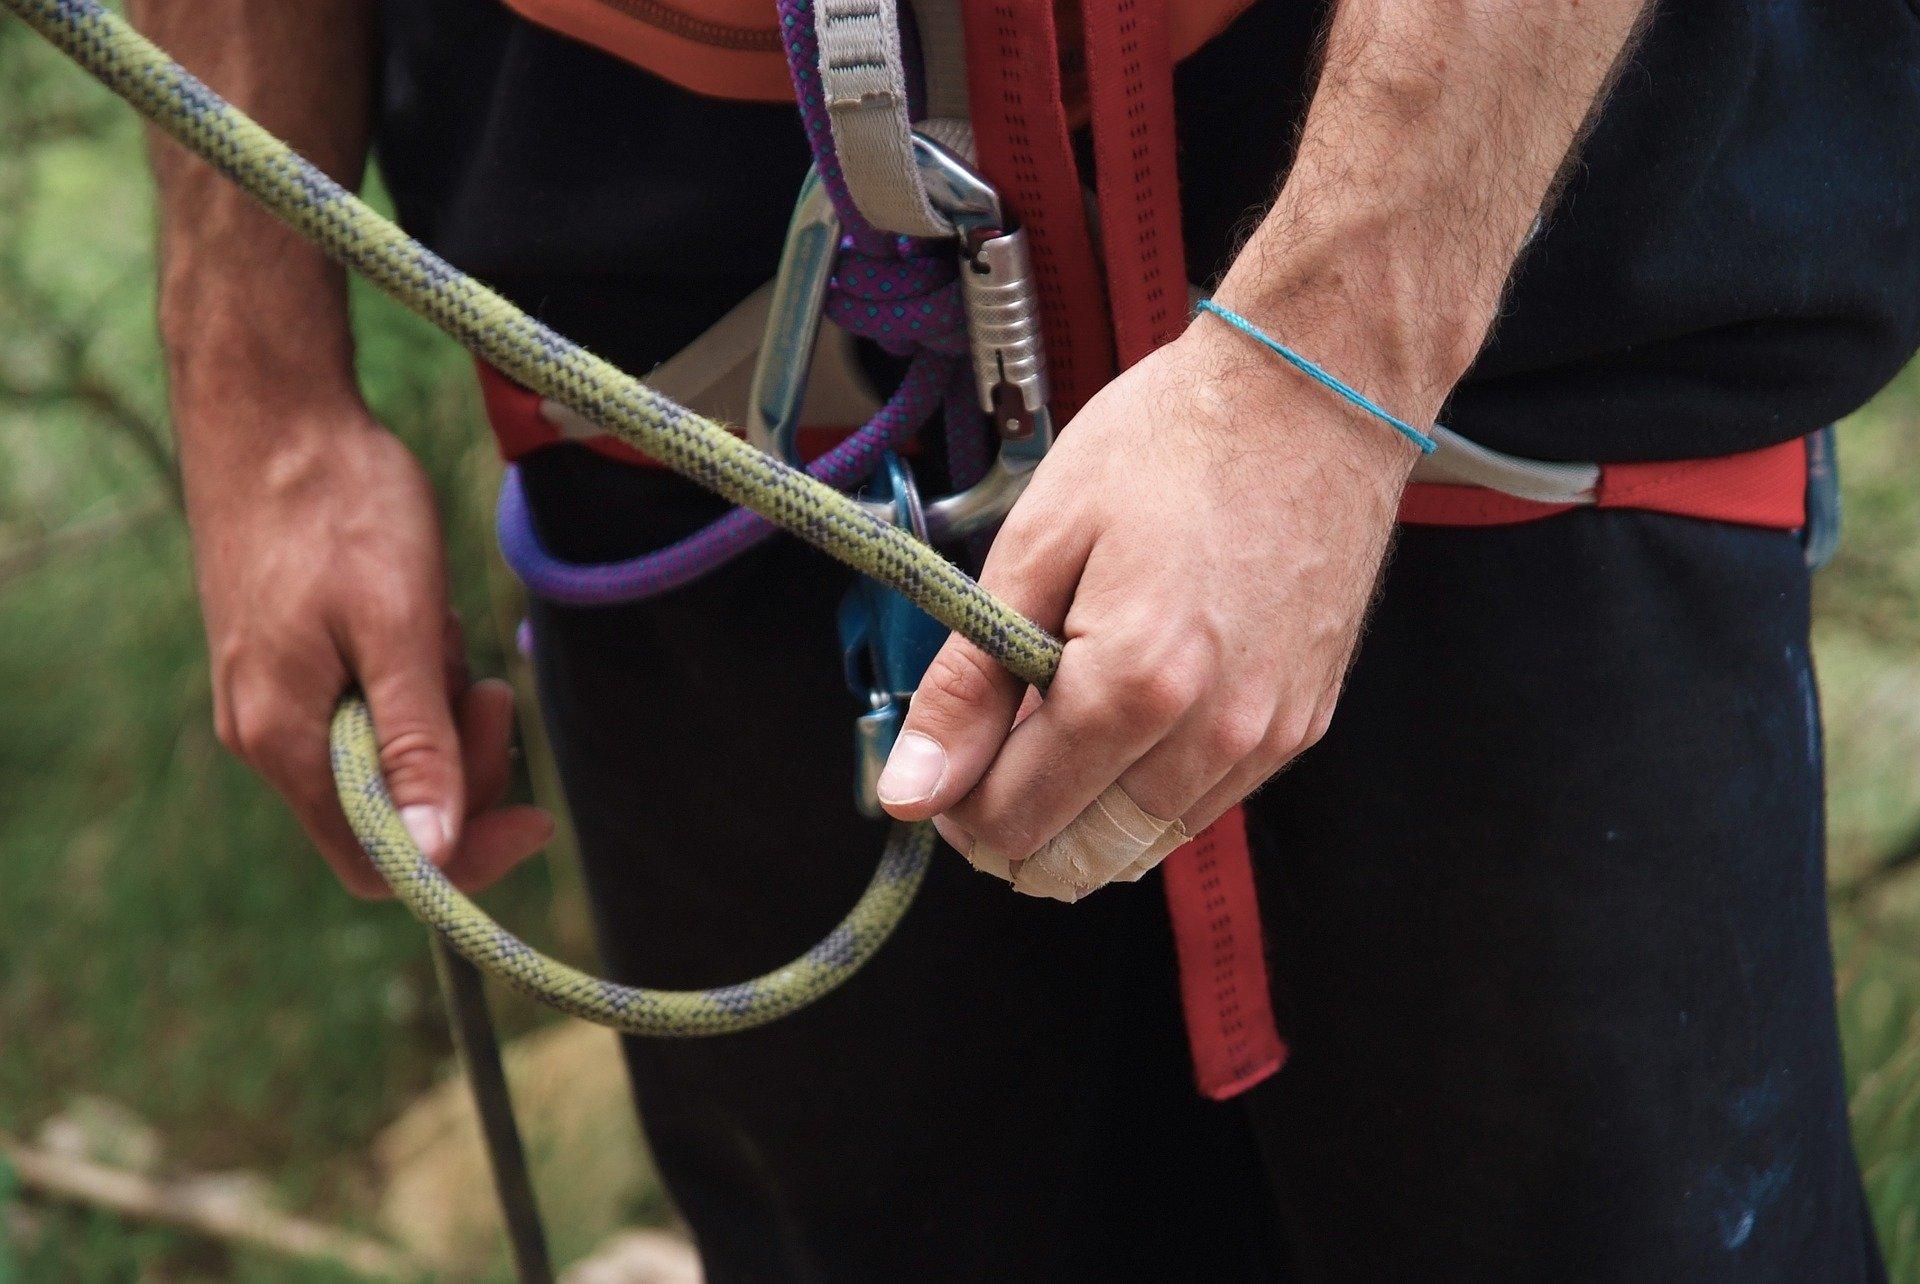 sosteniendo cuerda